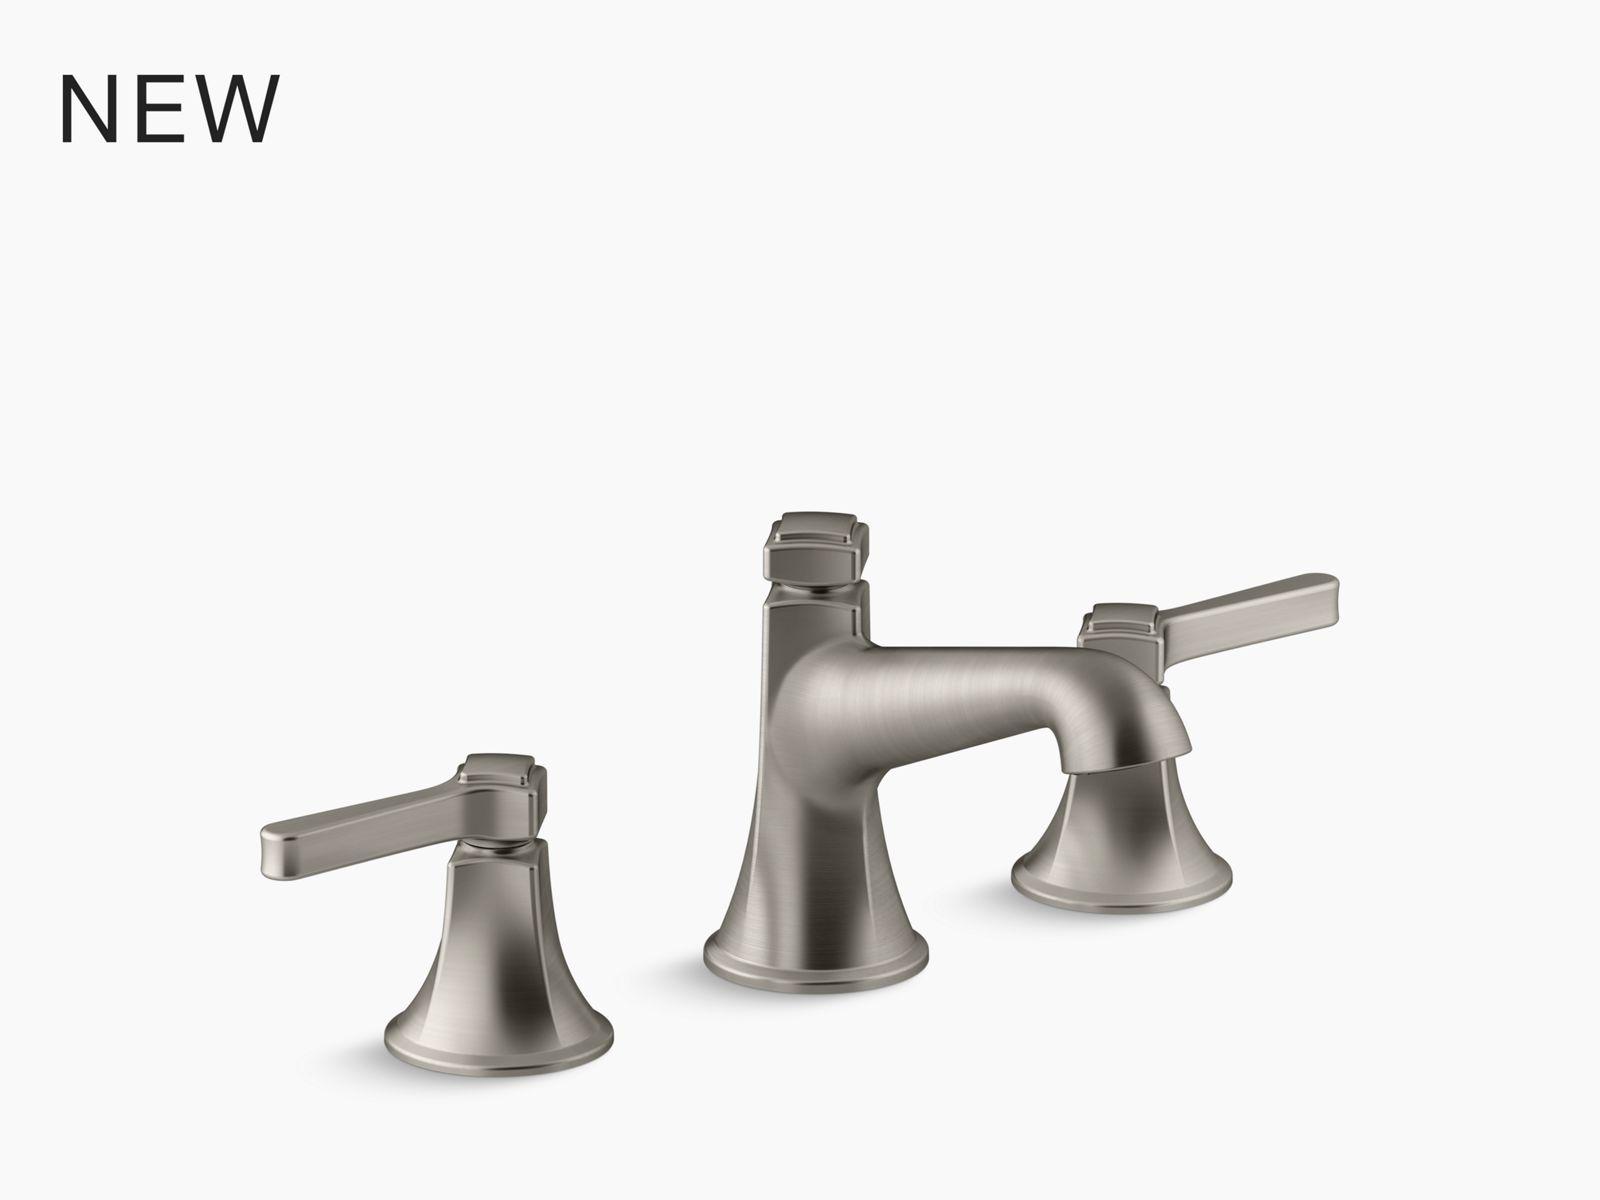 vox rectangle lavabo de salle de bain en surface avec trou unique de robinet